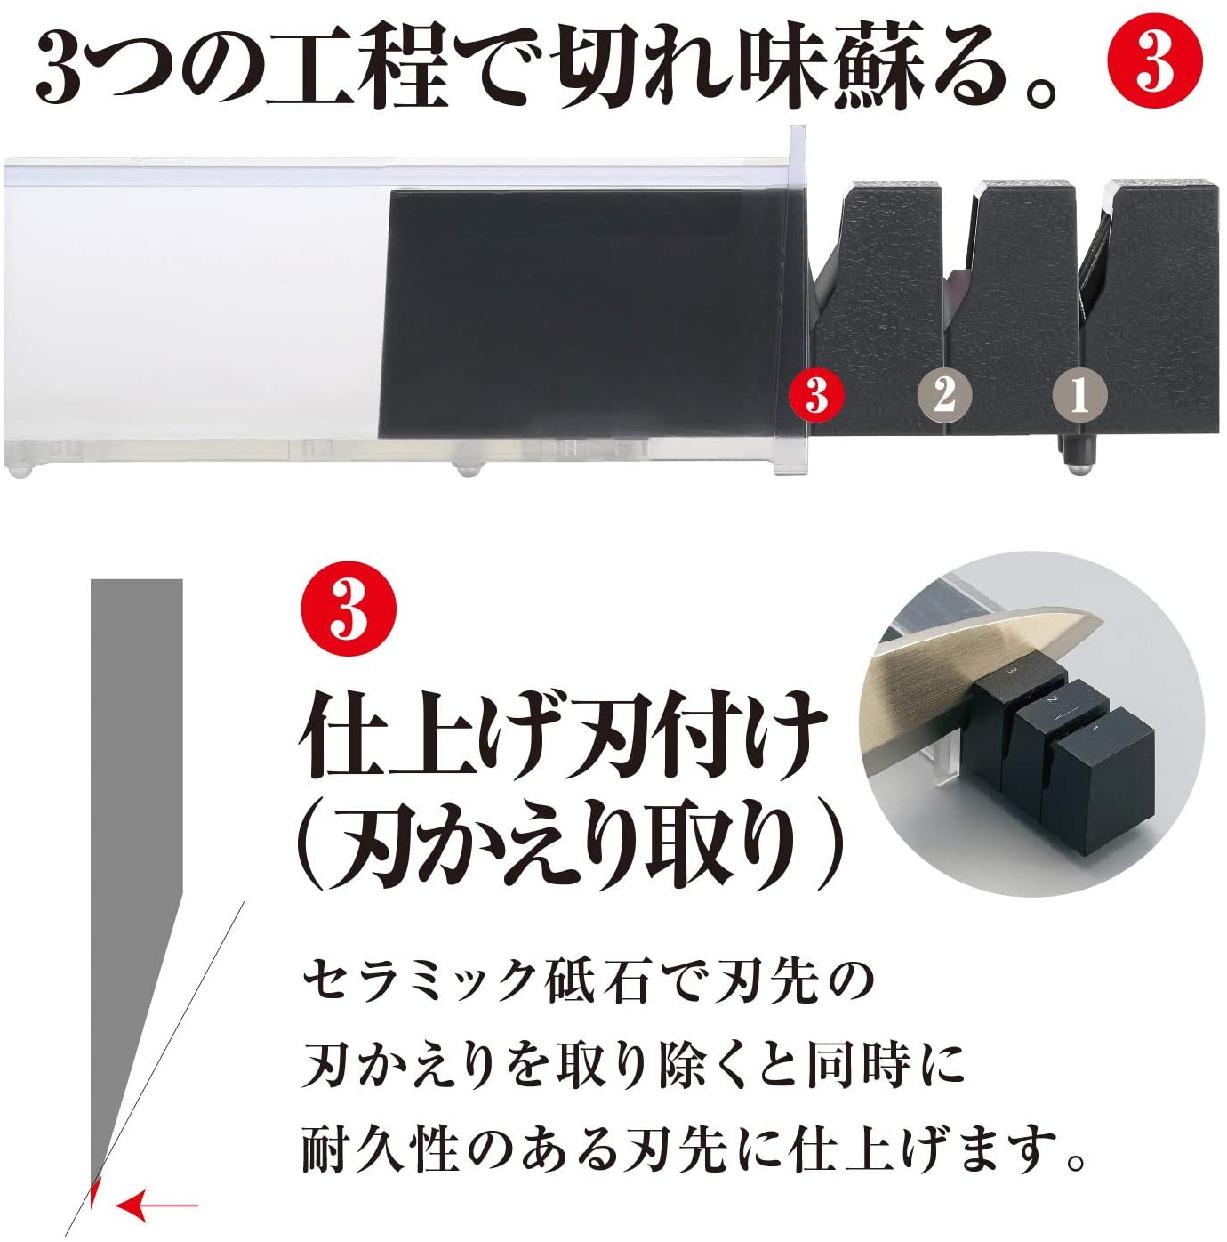 関孫六(セキノマゴロク)ダイヤモンド&セラミックシャープナー片刃用 AP0162の商品画像5